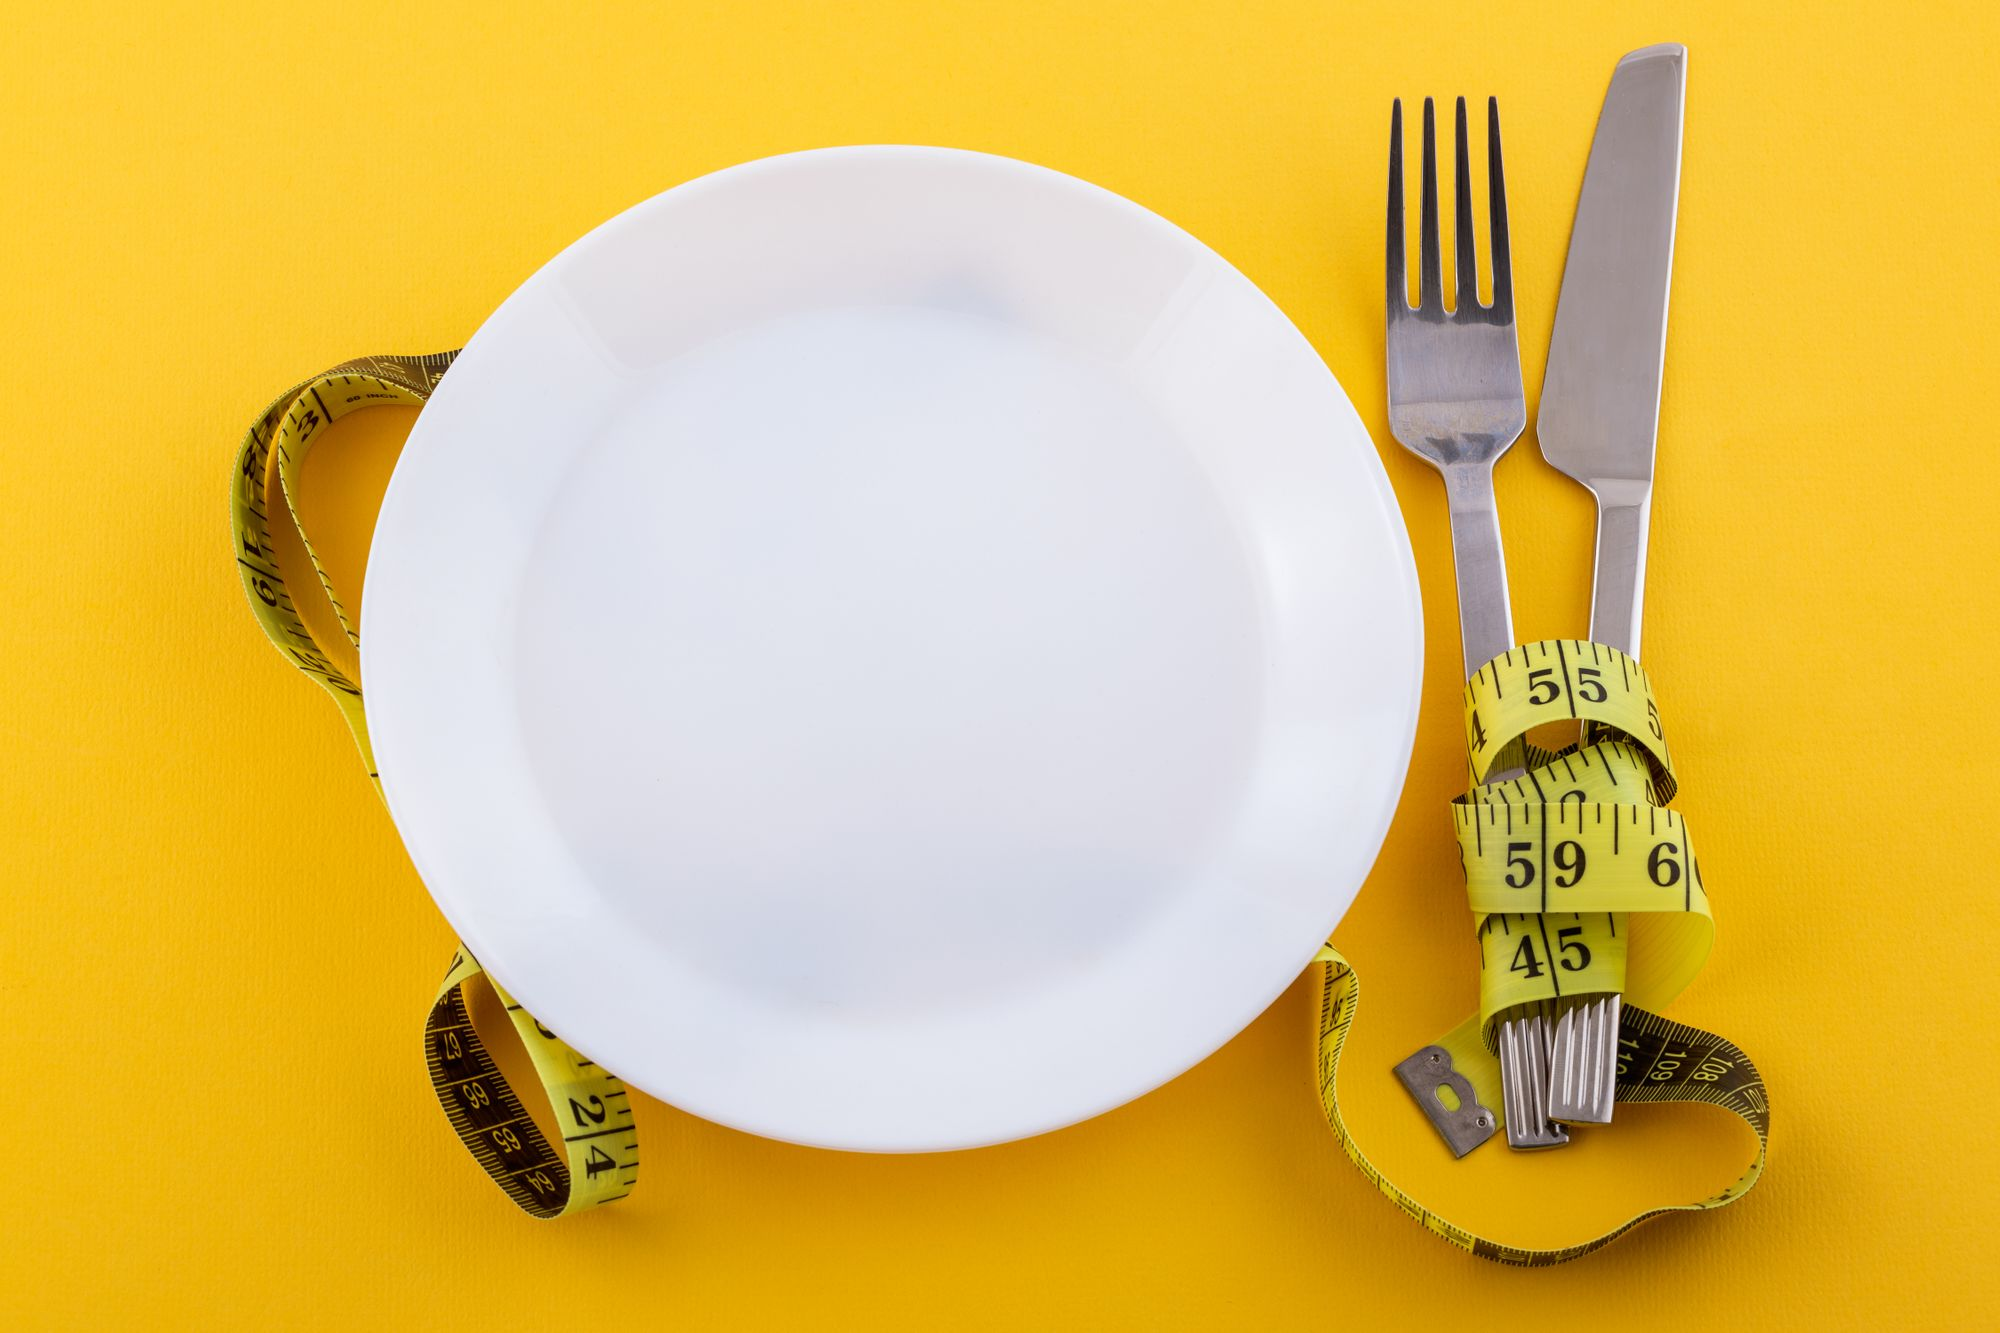 Para emagrecer de forma saudável tenha uma alimentação balanceada. (Reprodução/Freepik)